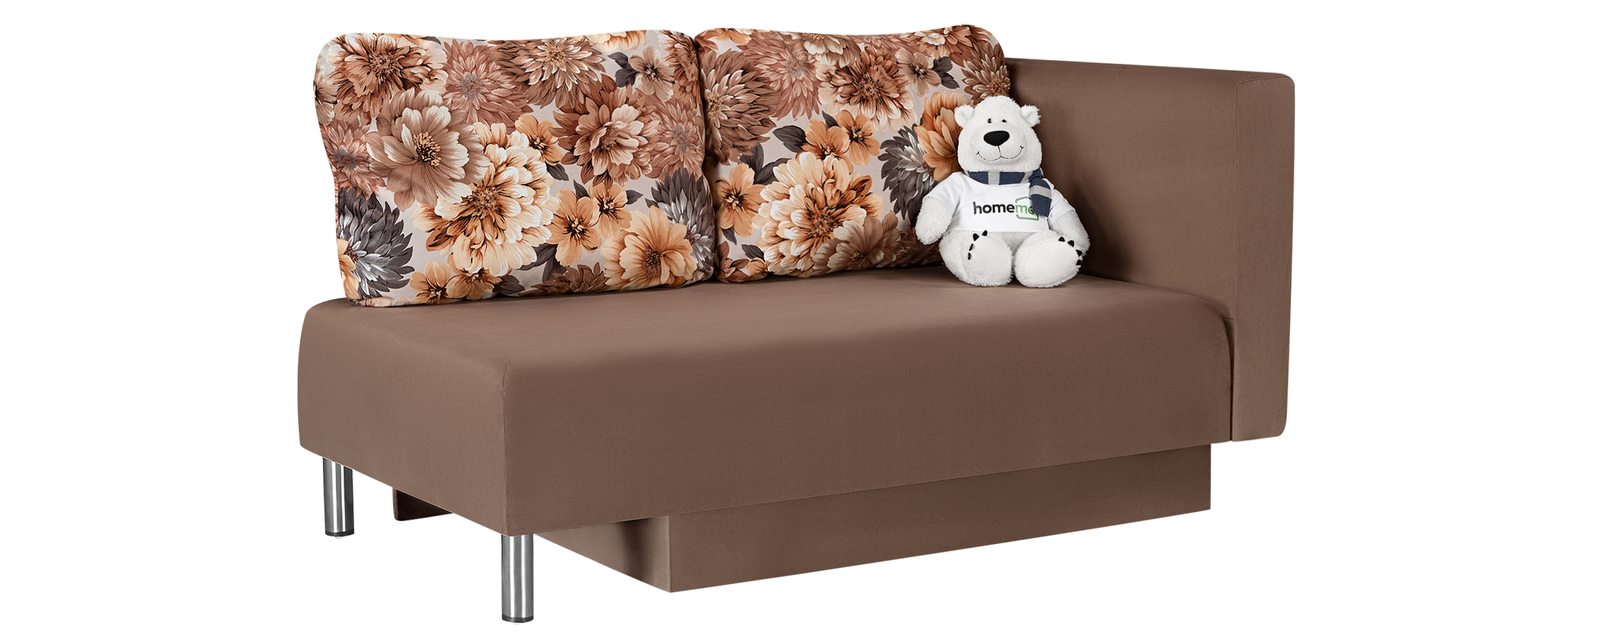 Мягкая мебель от Homeme.ru